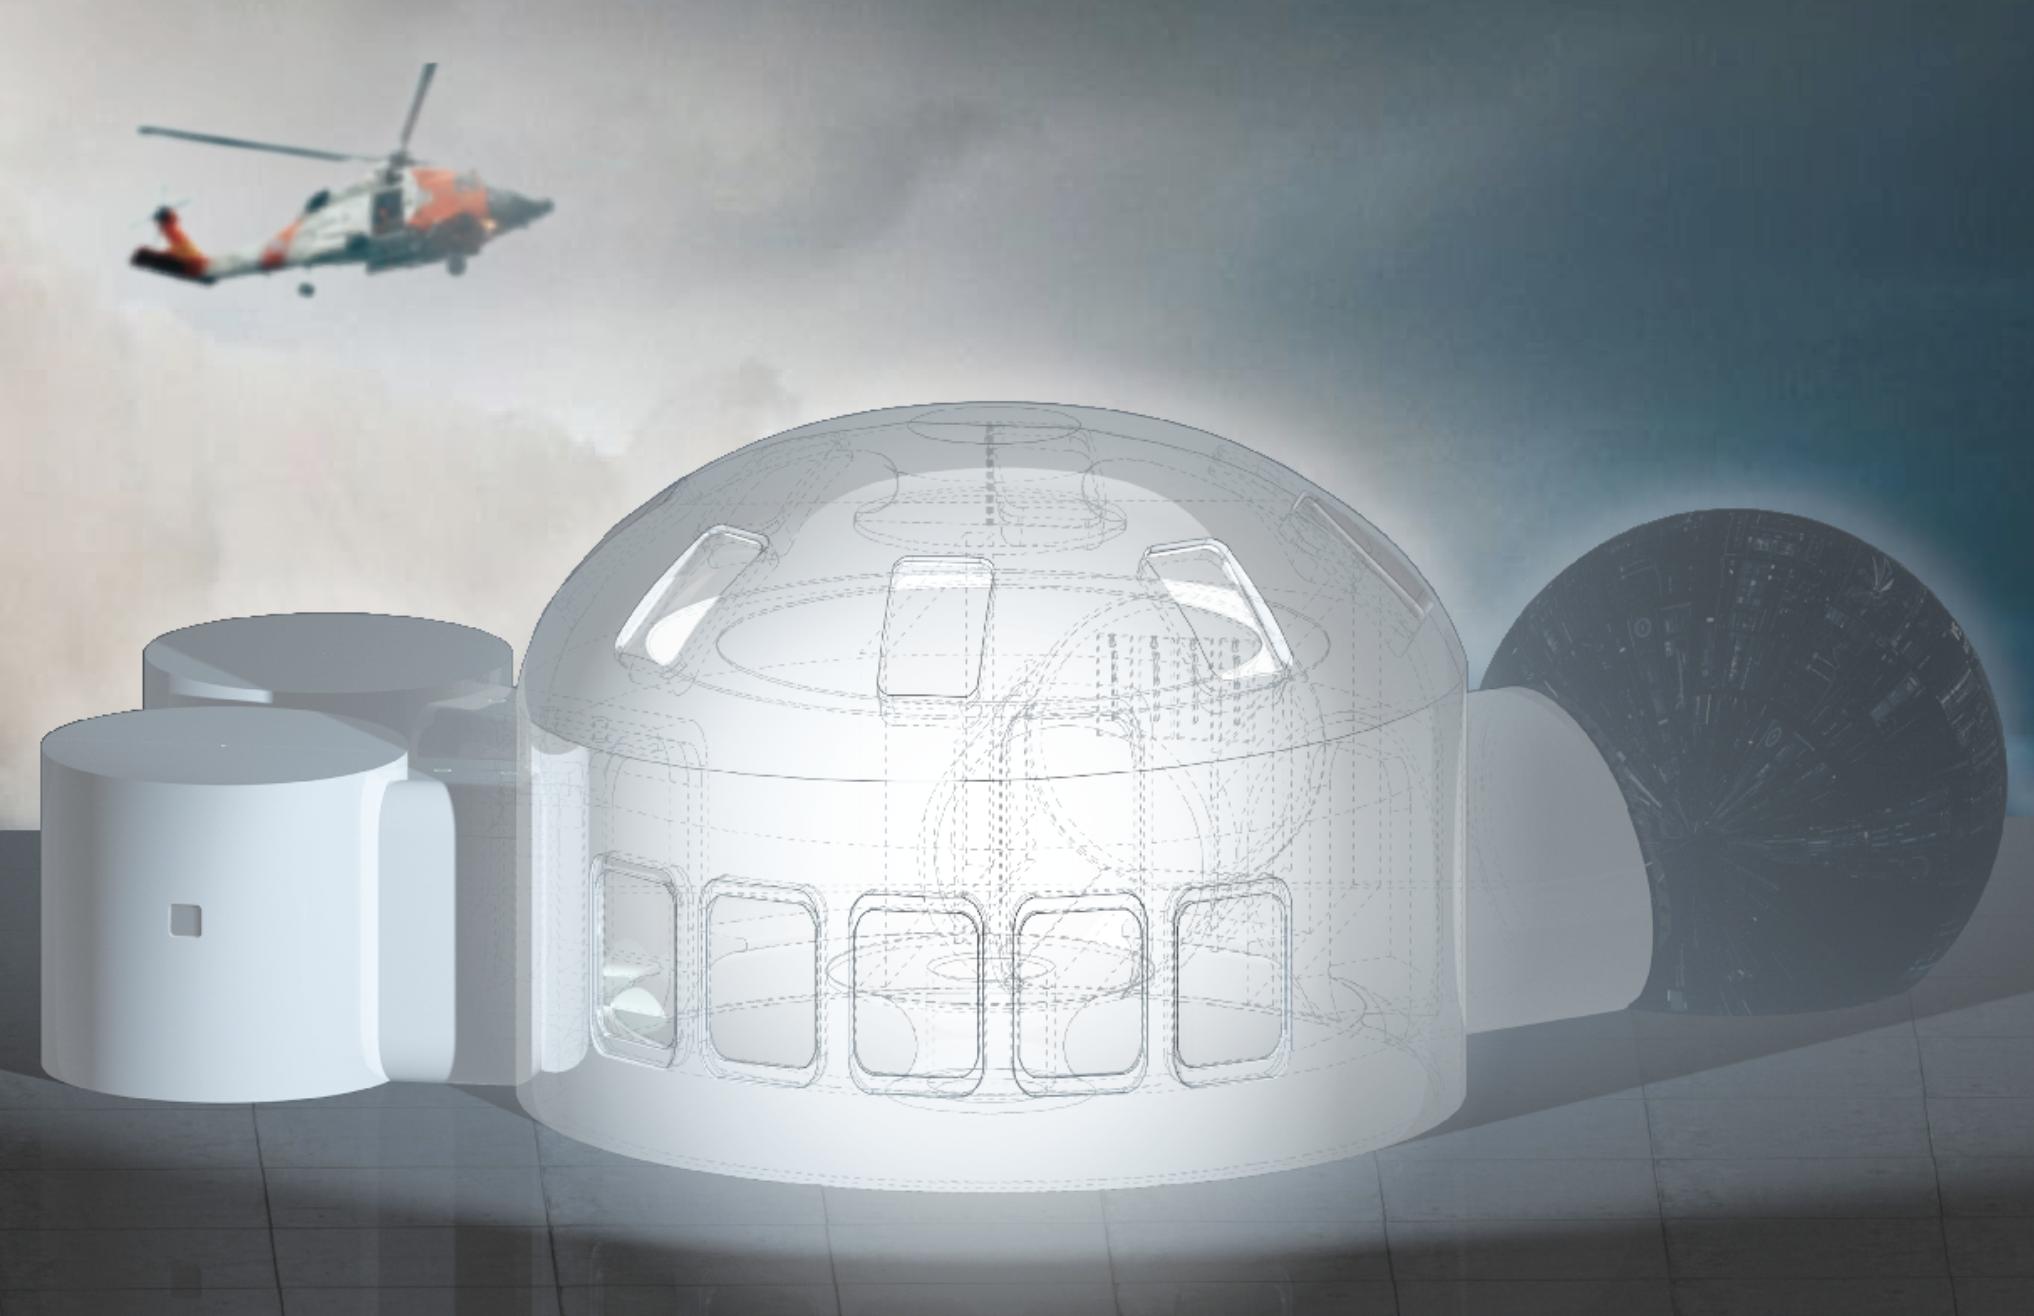 escape room rendering